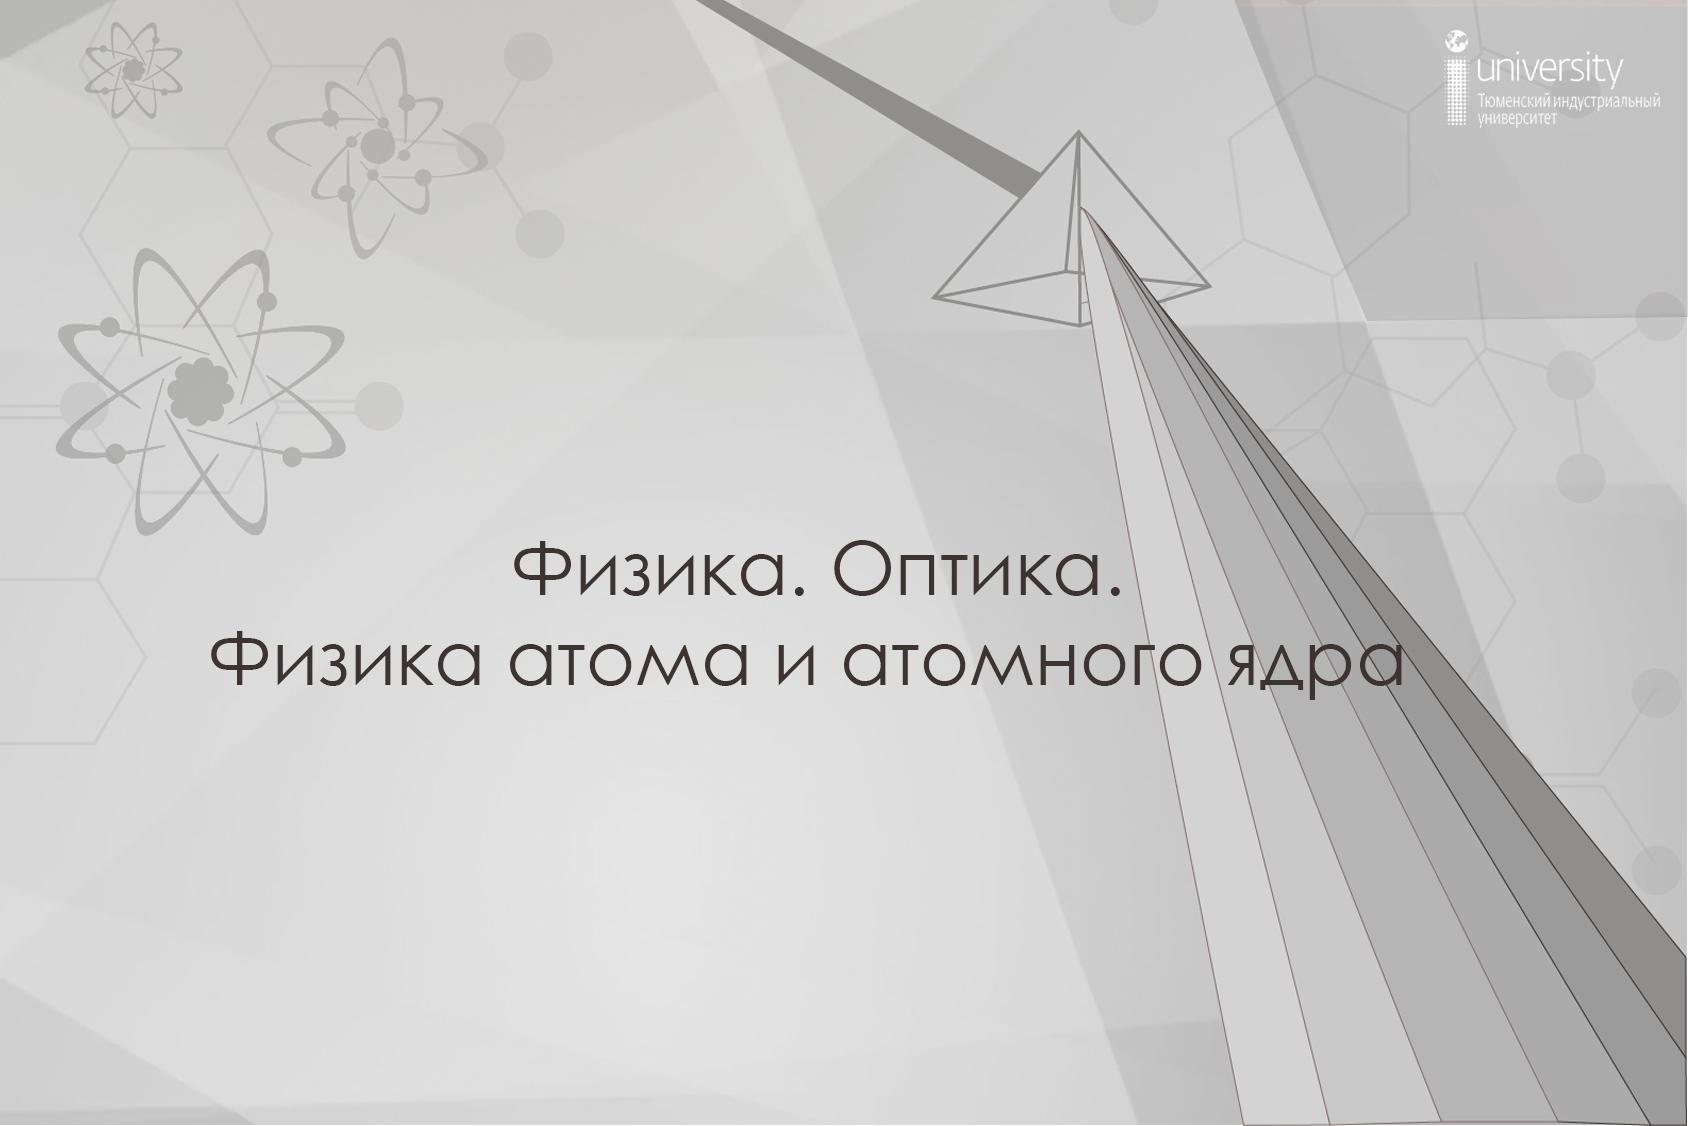 Course Image Физика. Оптика. Физика атома и атомного ядра